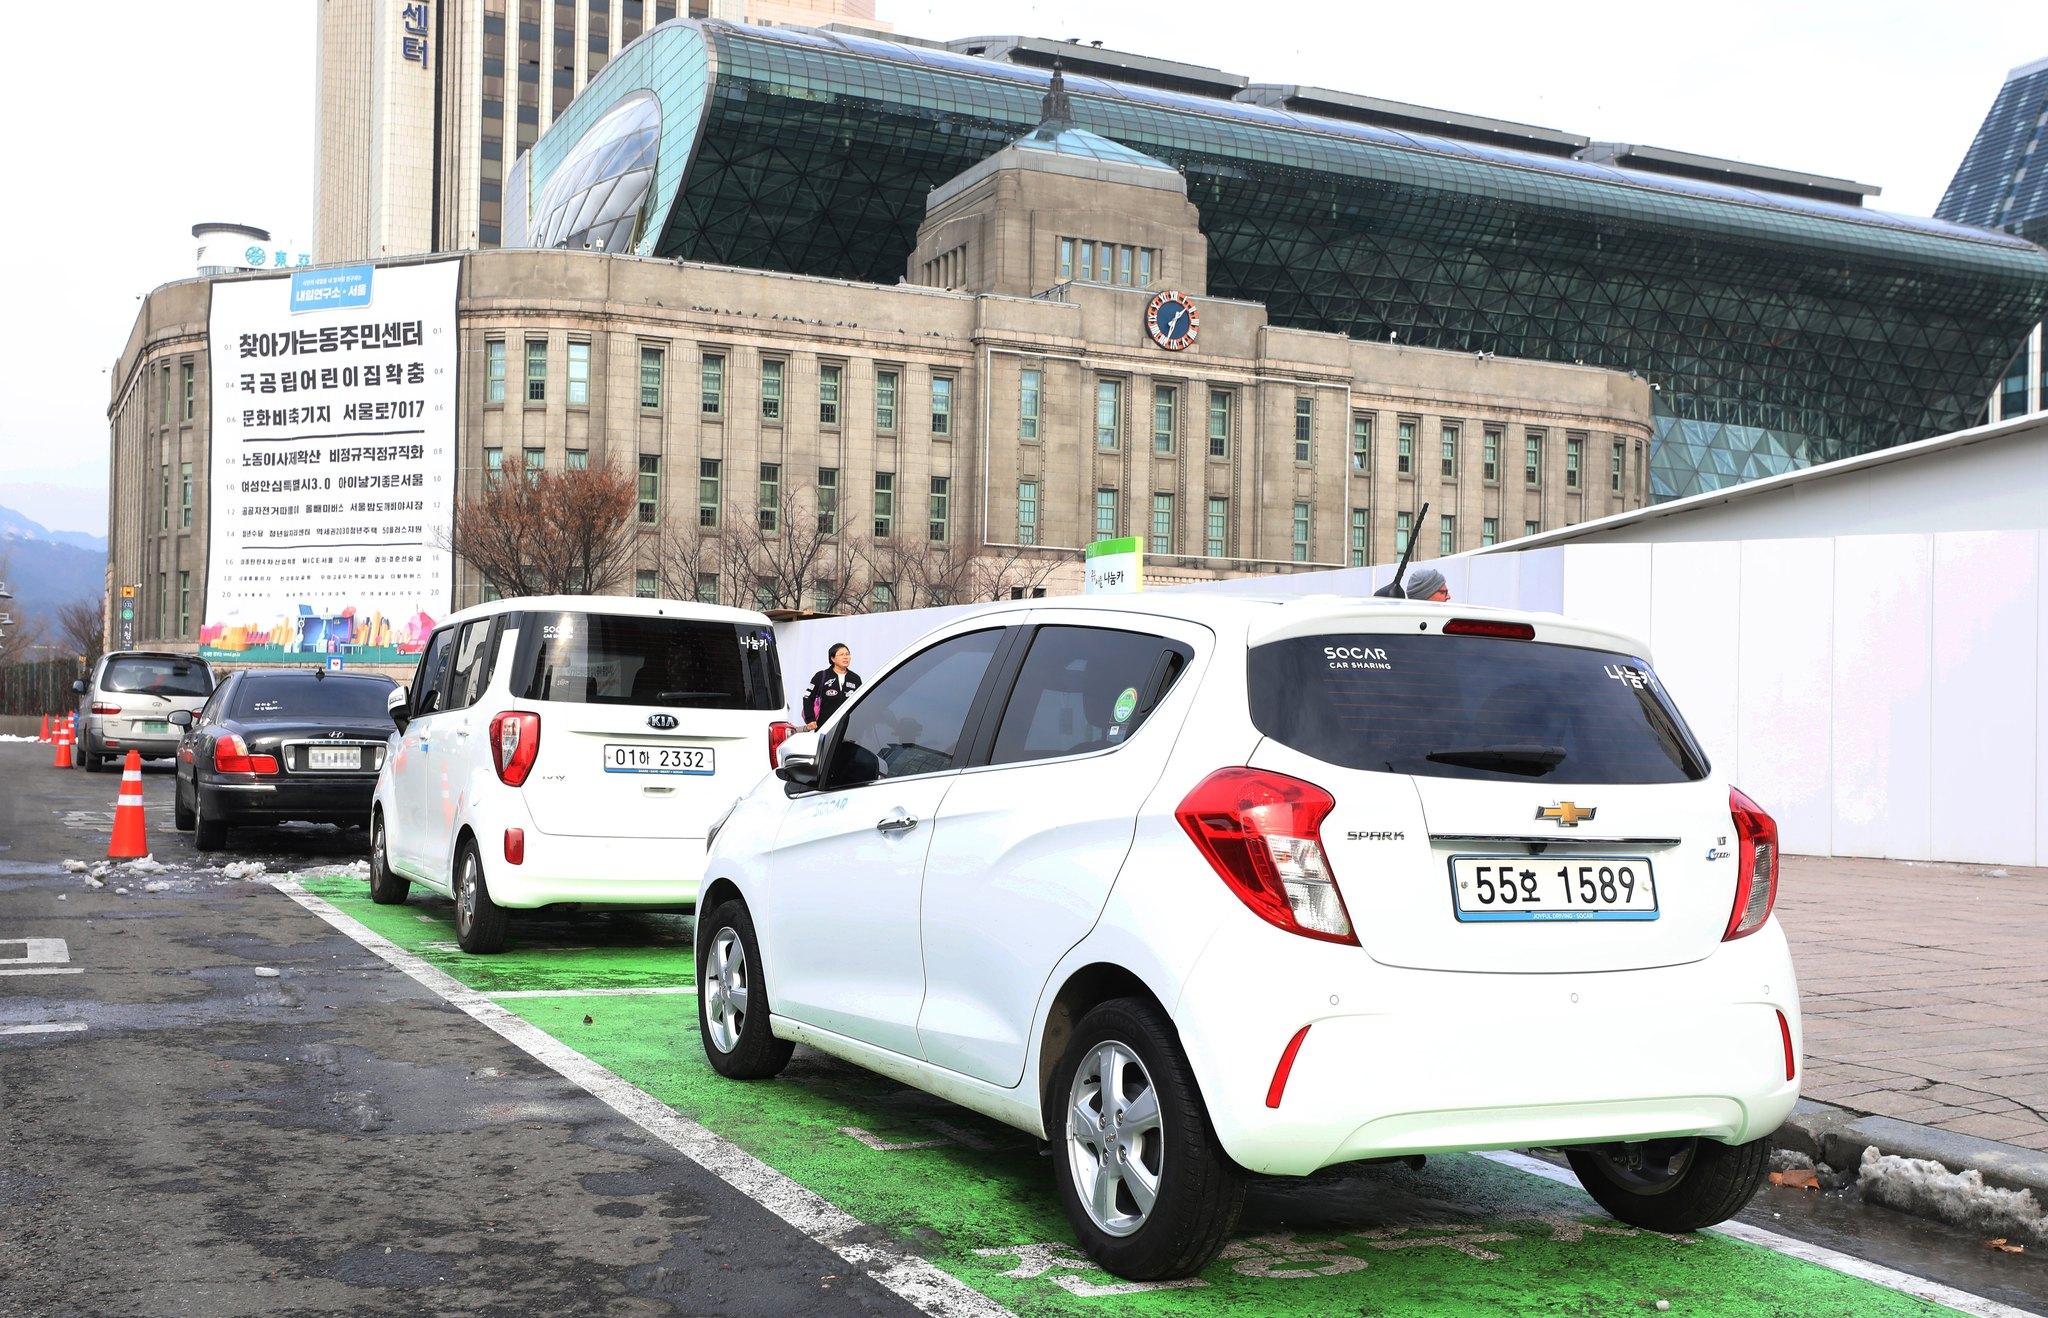 하루 평균 6200여 명이 이용하는 서울시 공공 카쉐어링 '나눔카'의 주차장. 서울시는 지난해 12월 나눔카의 접근성과 편의성을 높이기 위해 도심 도로에 전용 주차장을 늘렸다. 쏘카와 그린카 등 민간 카쉐어링 업체들은 서울시ㆍ세종시 등에서 공공 카쉐어링 서비스 운영사업자로 참여하고 있다. [뉴시스]